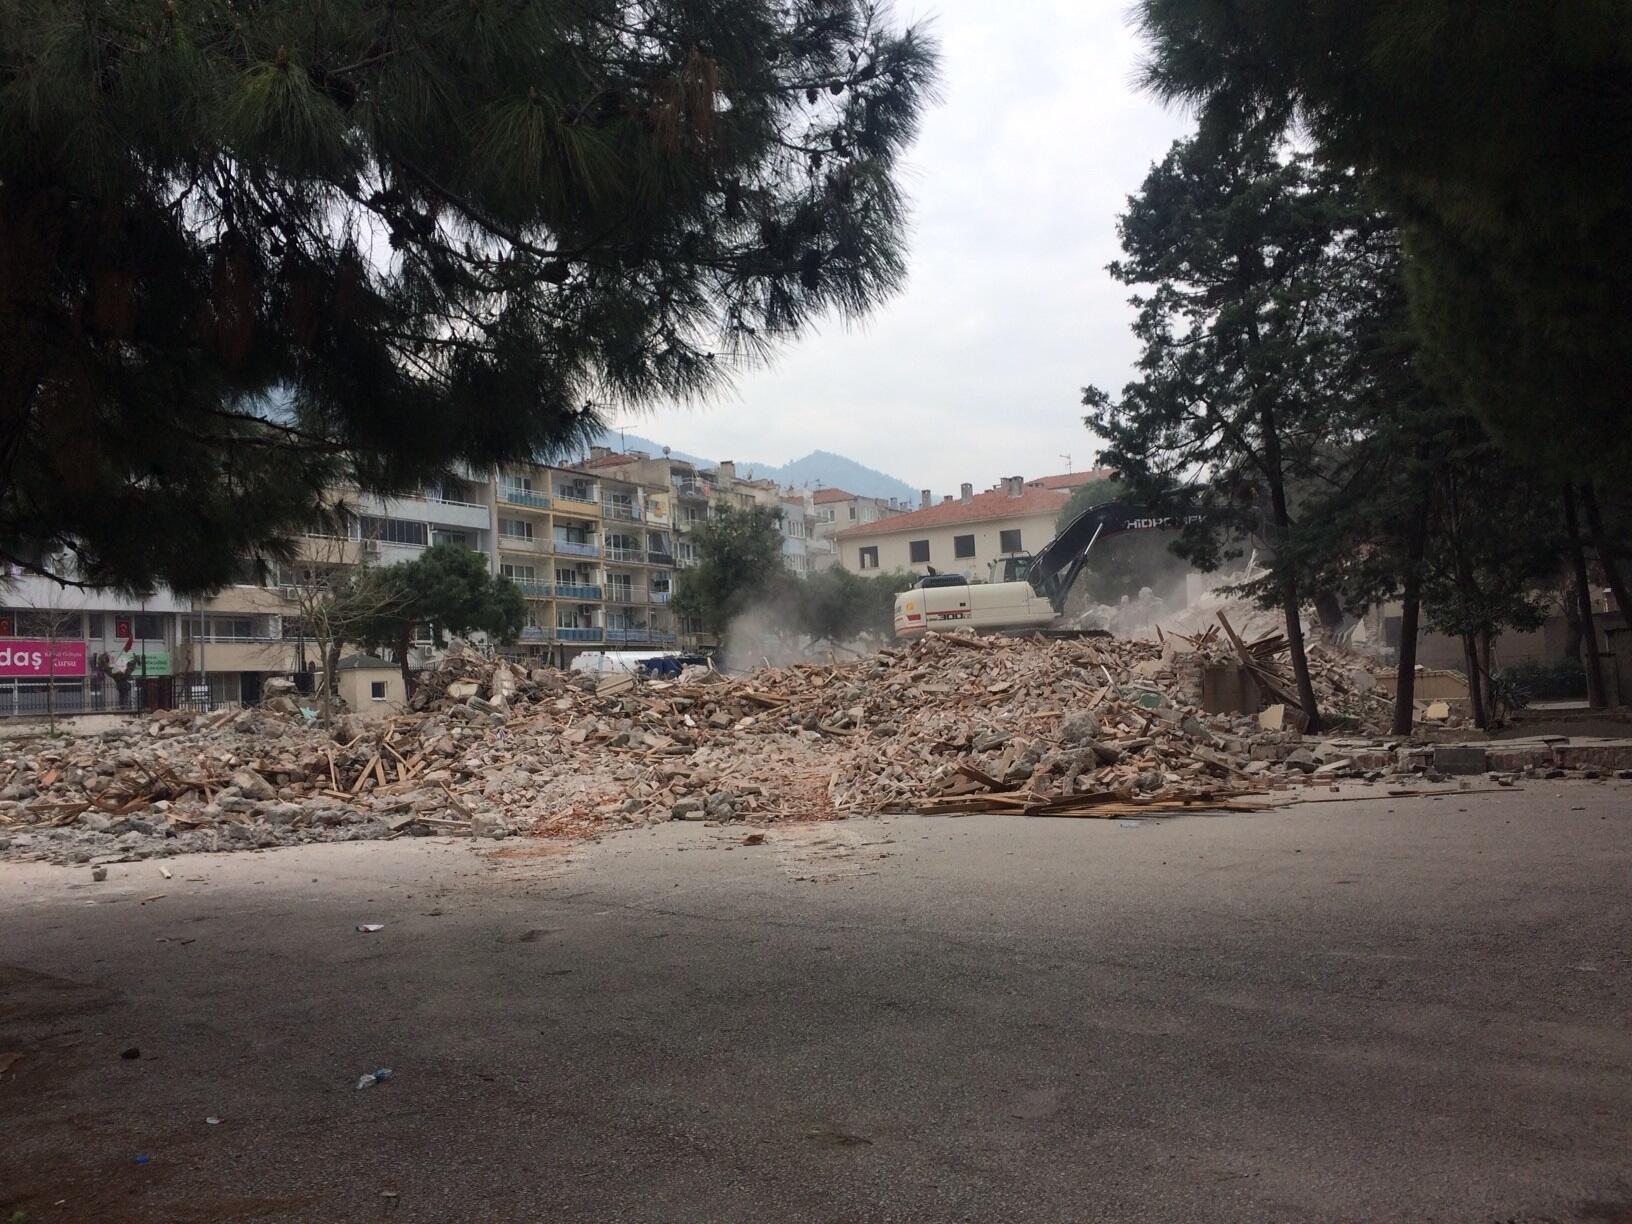 Manisa'da Ali Rıza İlkokulu'nda eski bina yıkılıp modern okul yapılacak